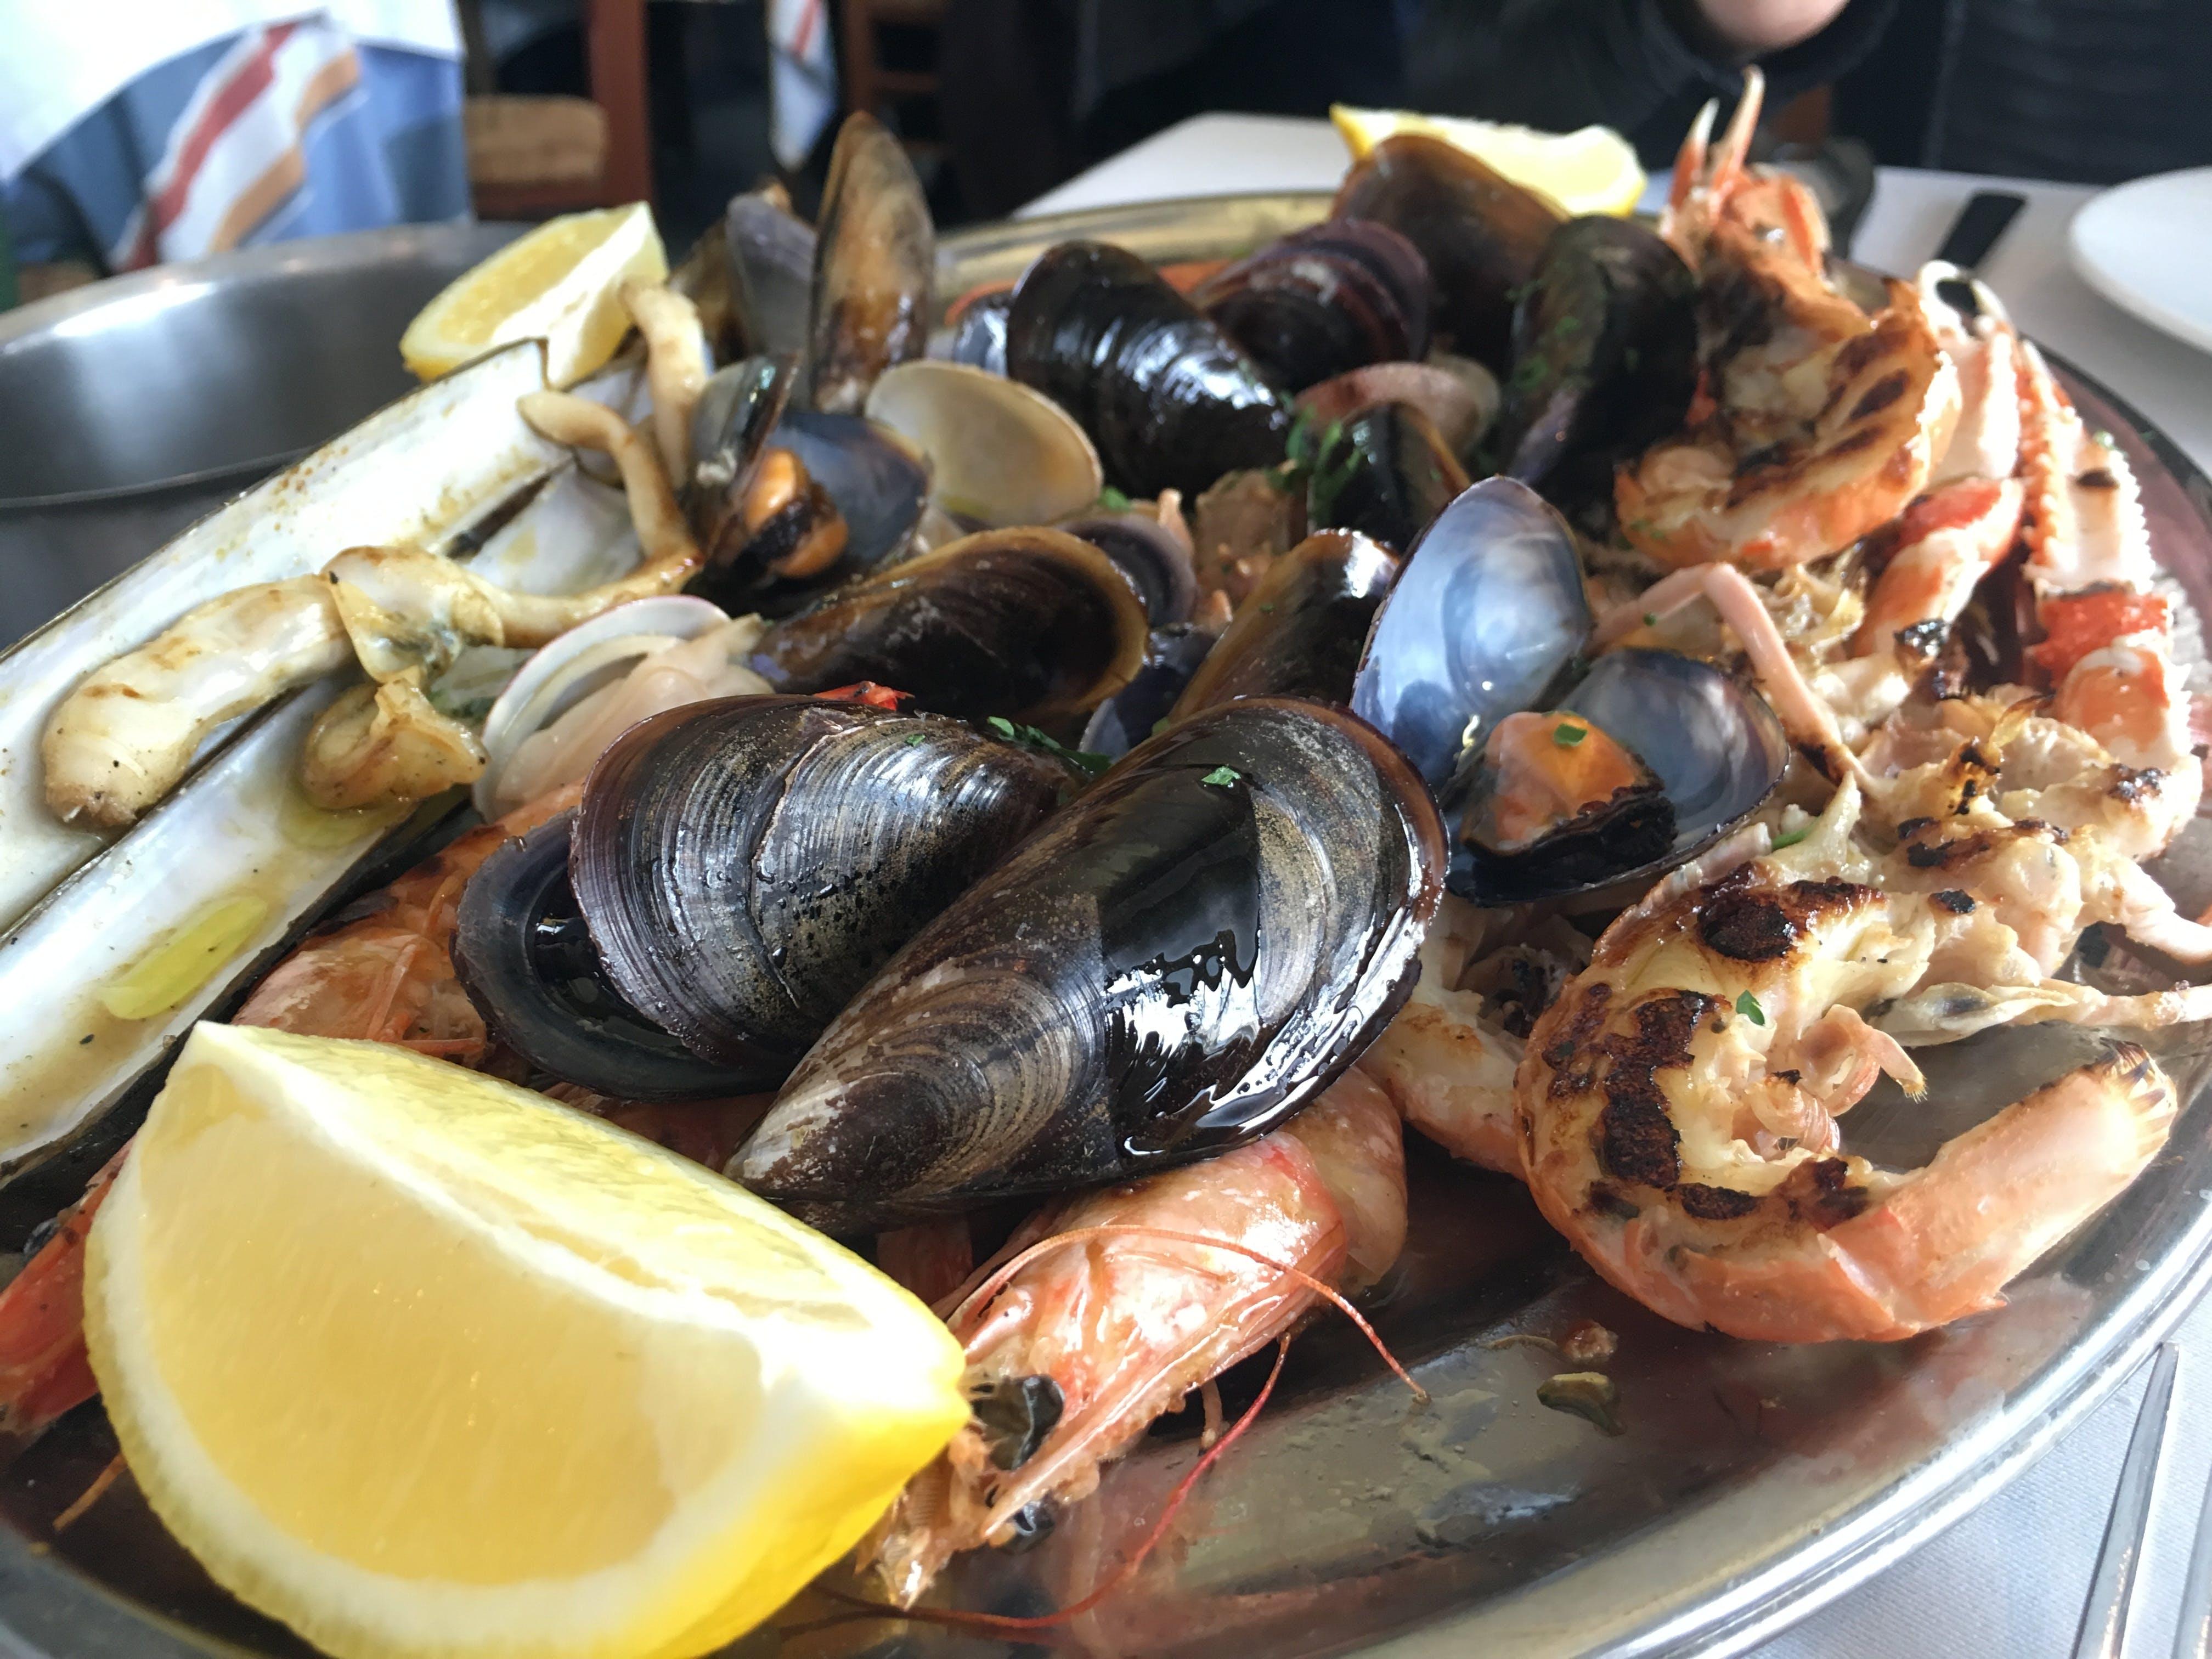 Kostenloses Stock Foto zu essen, krabbe, meeresfrüchte, restaurant